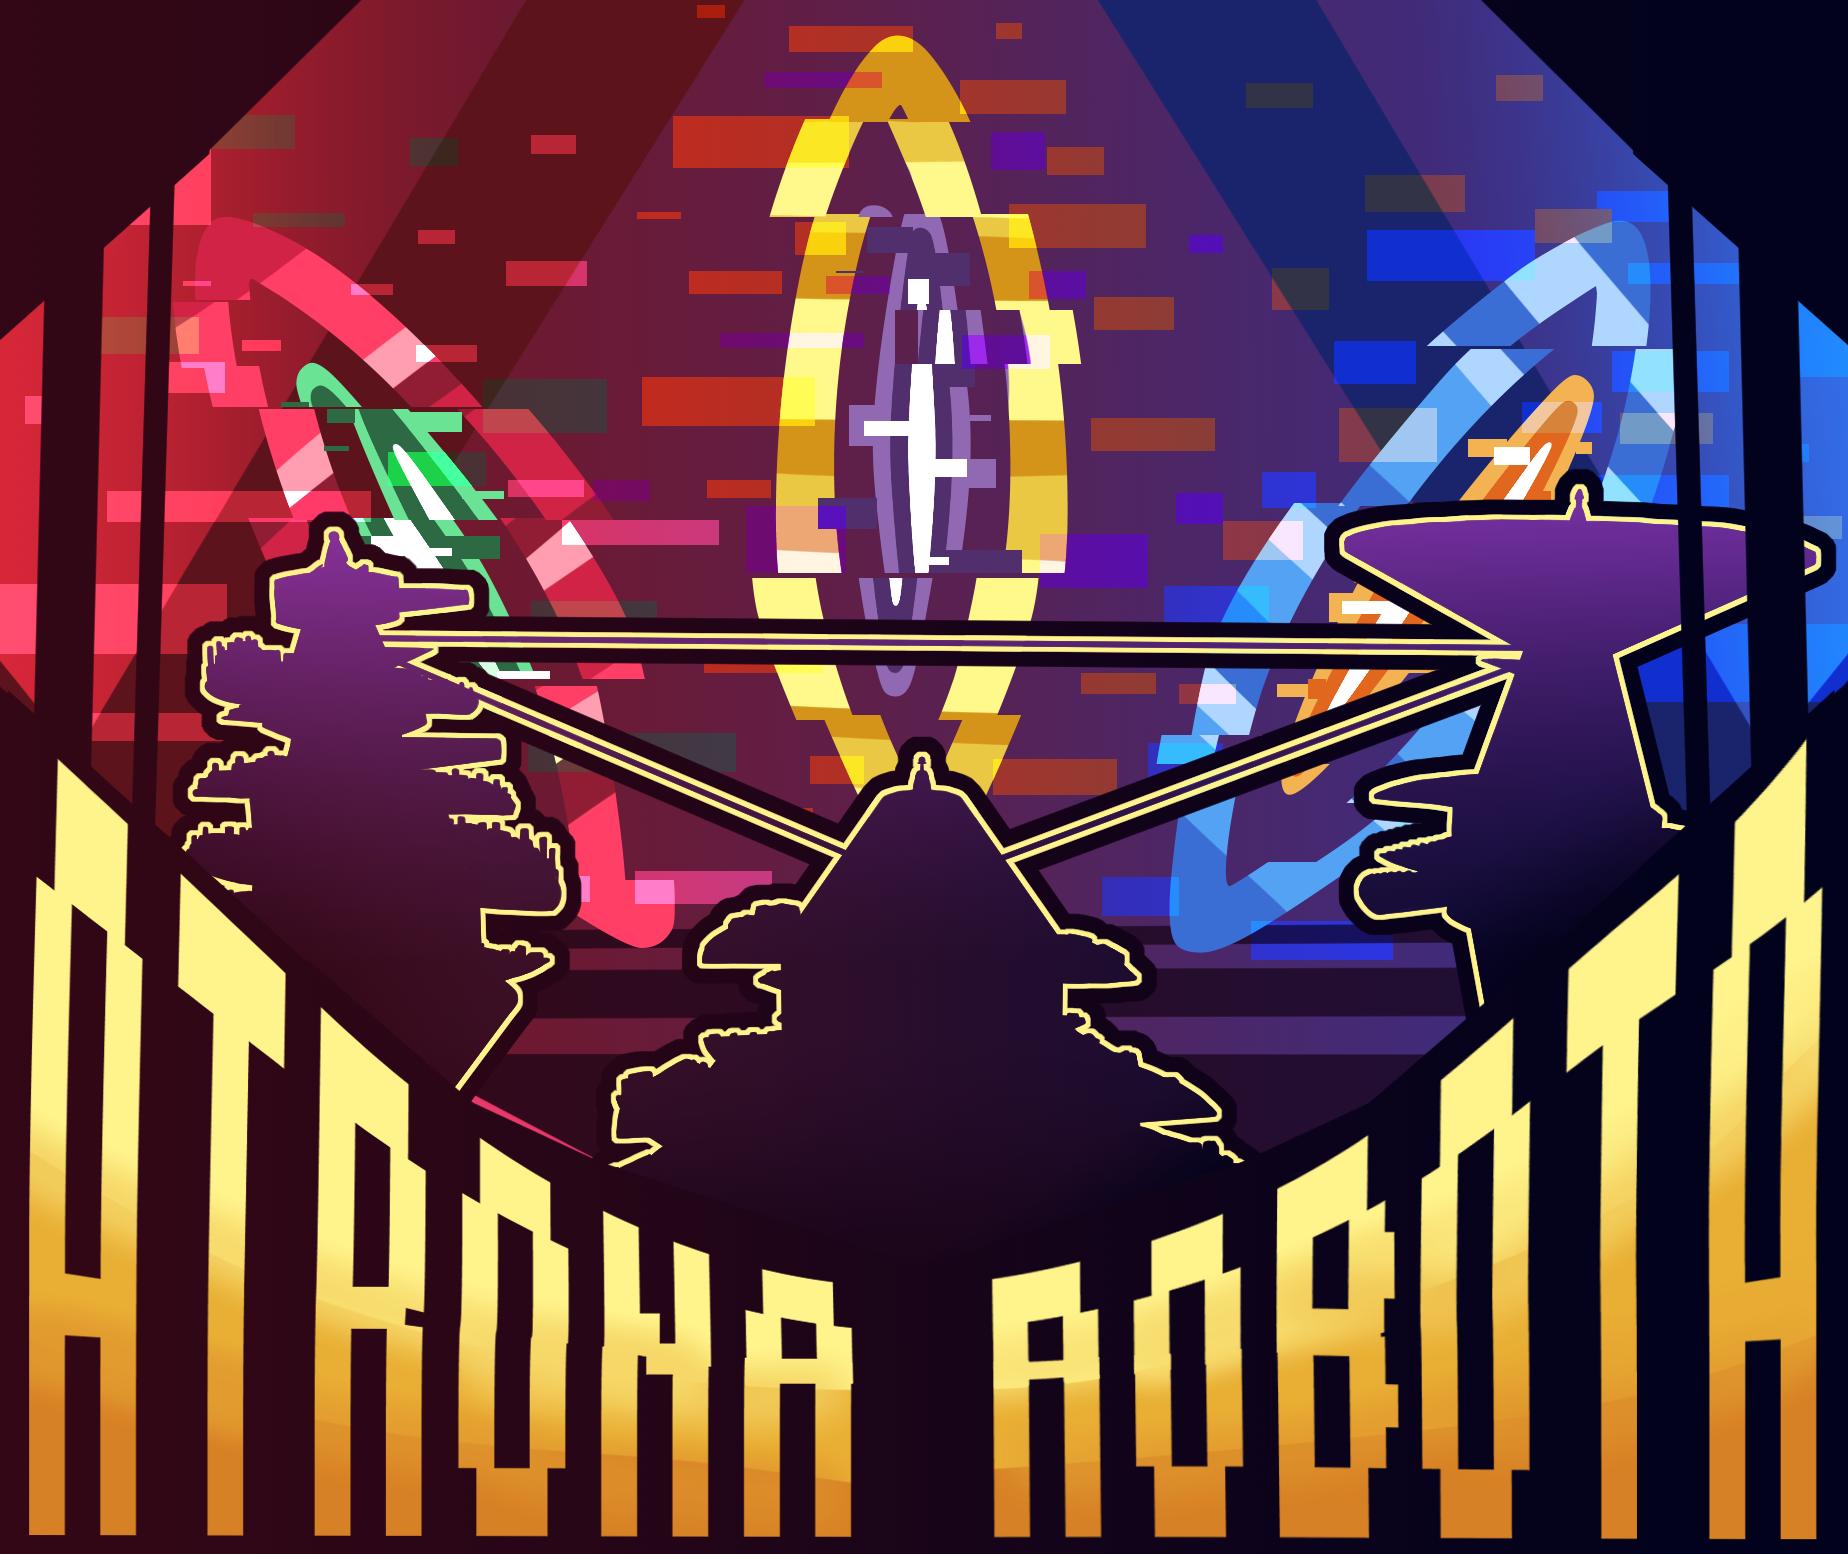 Atrona Robota Poster